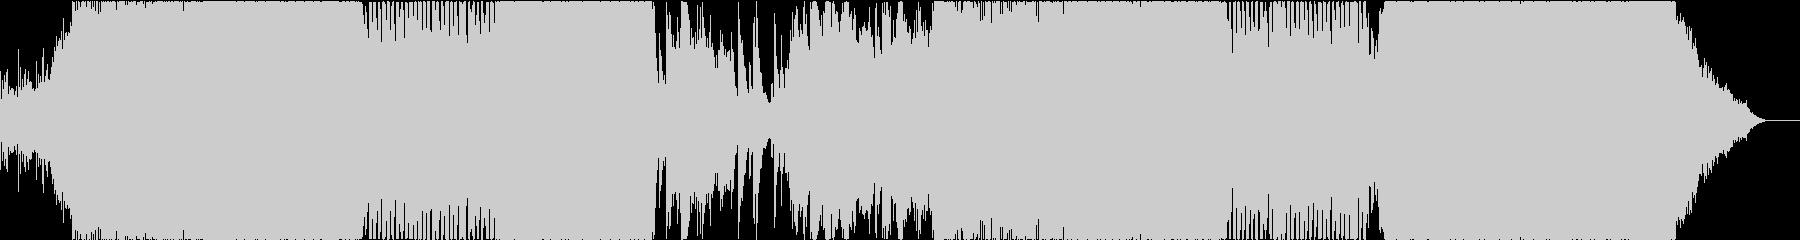 疾走感あふれるドラムンベースの未再生の波形